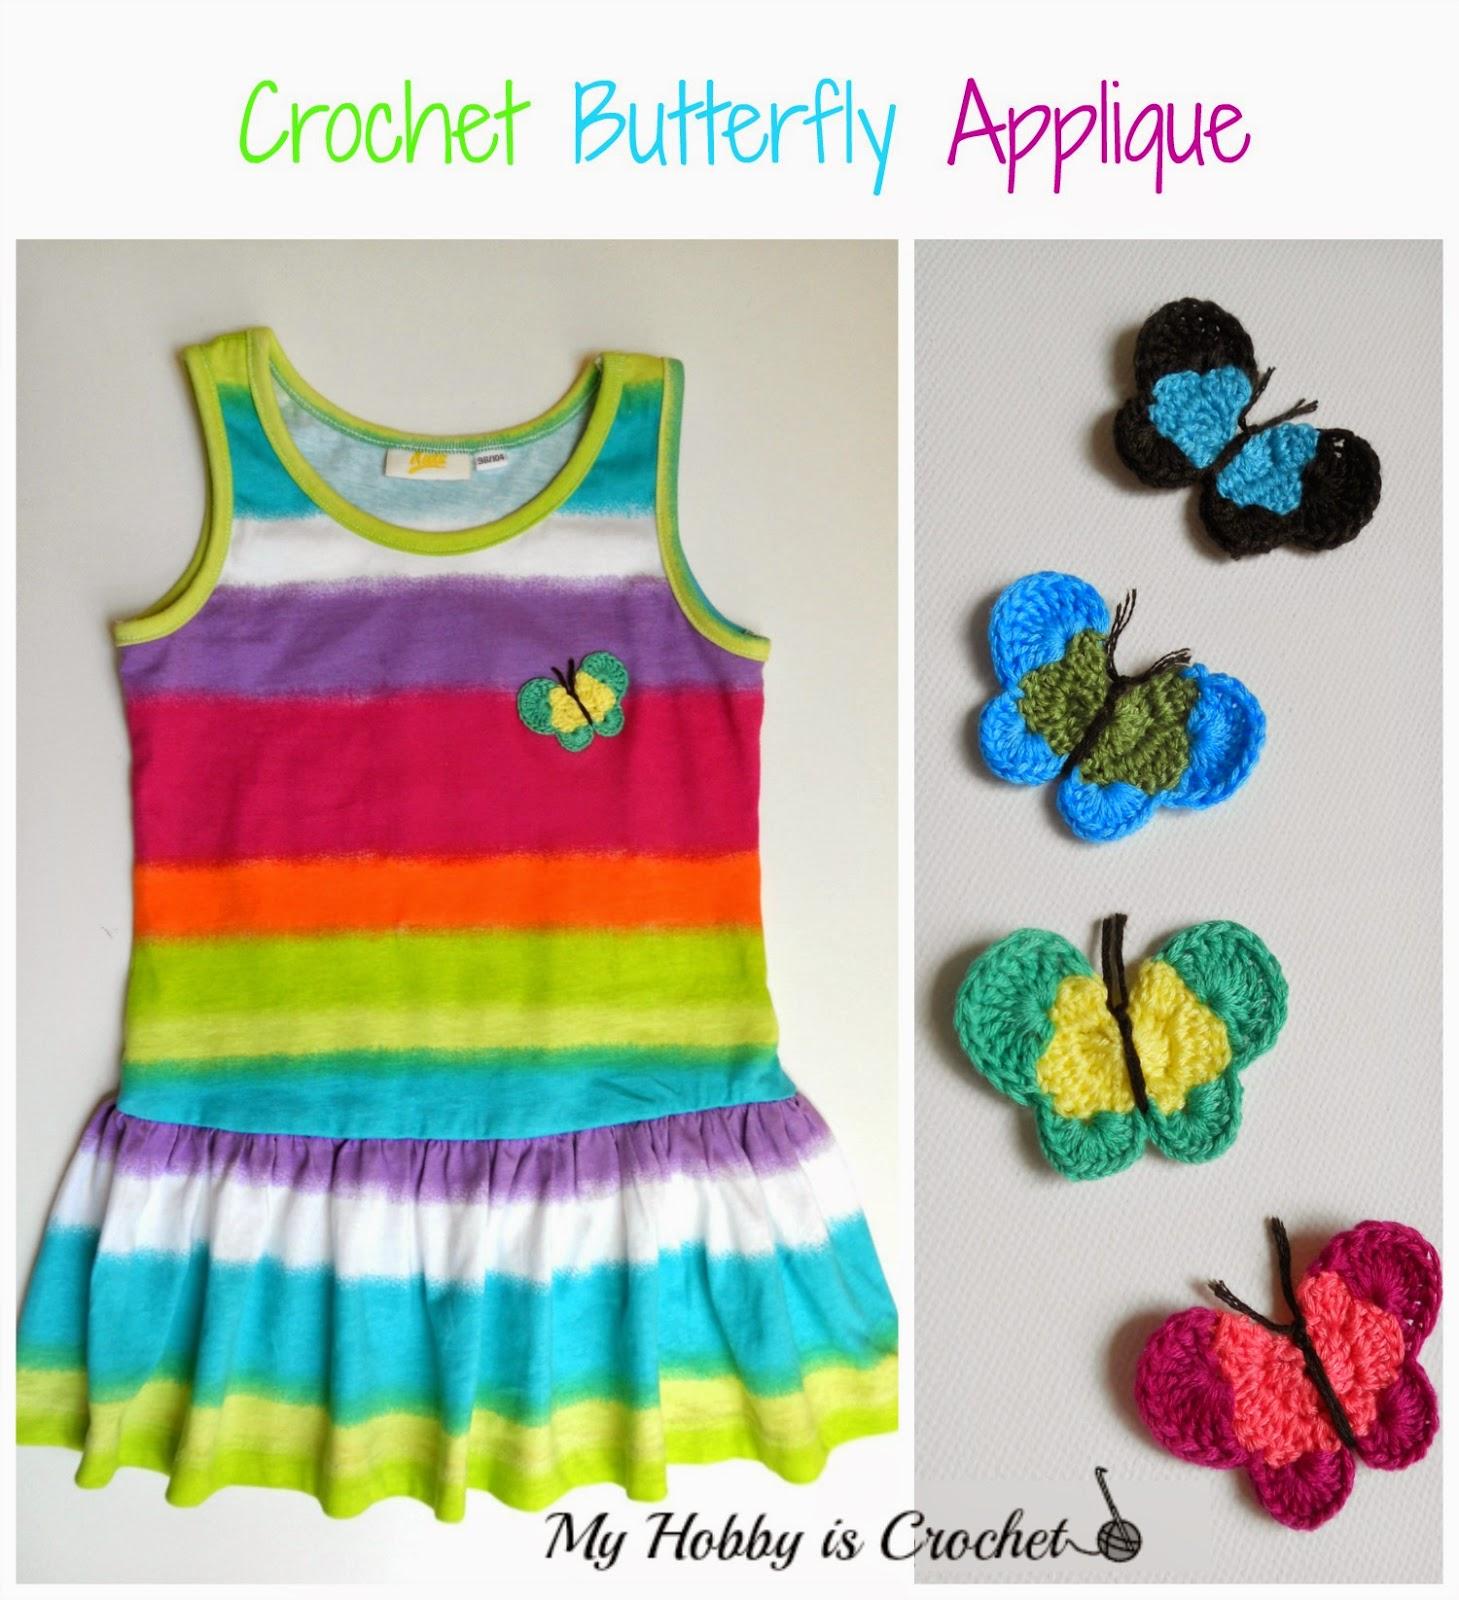 Crochet Butterfly Applique - Free Crochet Pattern Review